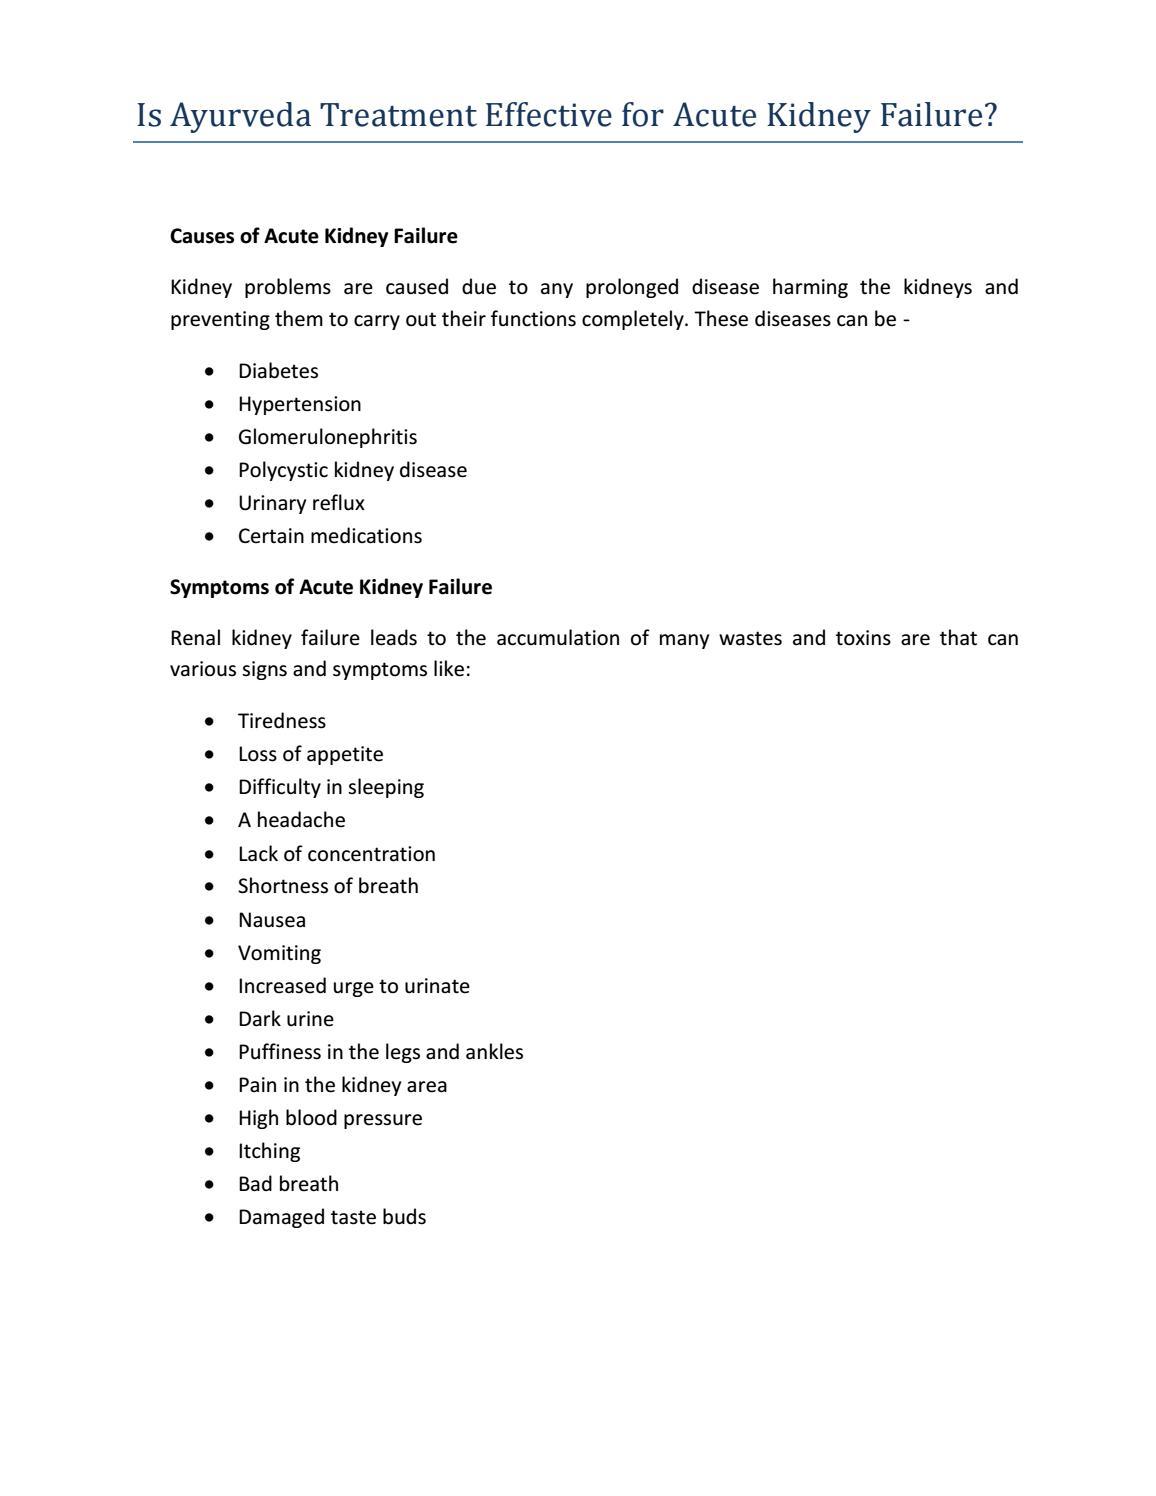 Acute Kidney Disease Treatment In Ayurveda By Jatin Verma Issuu